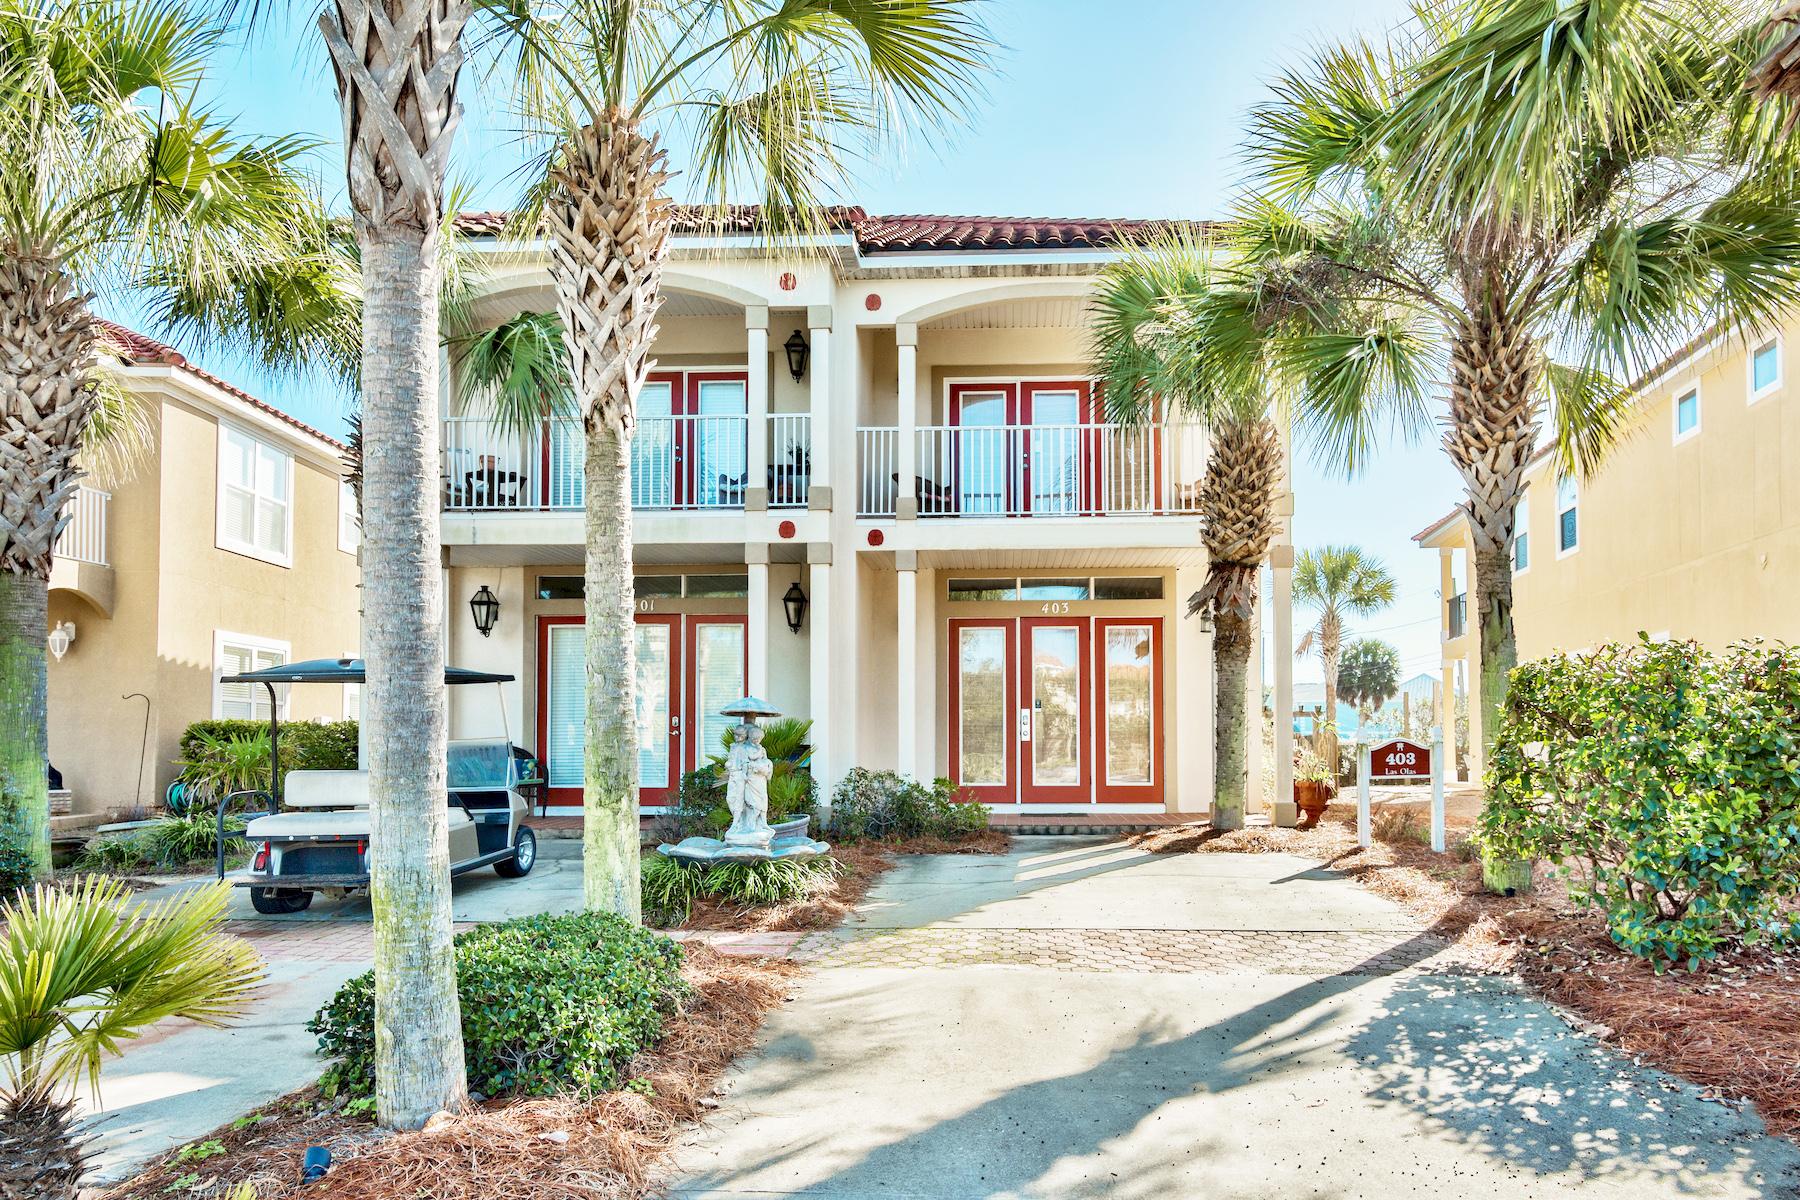 独户住宅 为 销售 在 Turnkey Rental Machine with Amenities 403 La Valencia Circle, La Valencia Beach Resort, 巴拿马城海滩, 佛罗里达州, 32413 美国